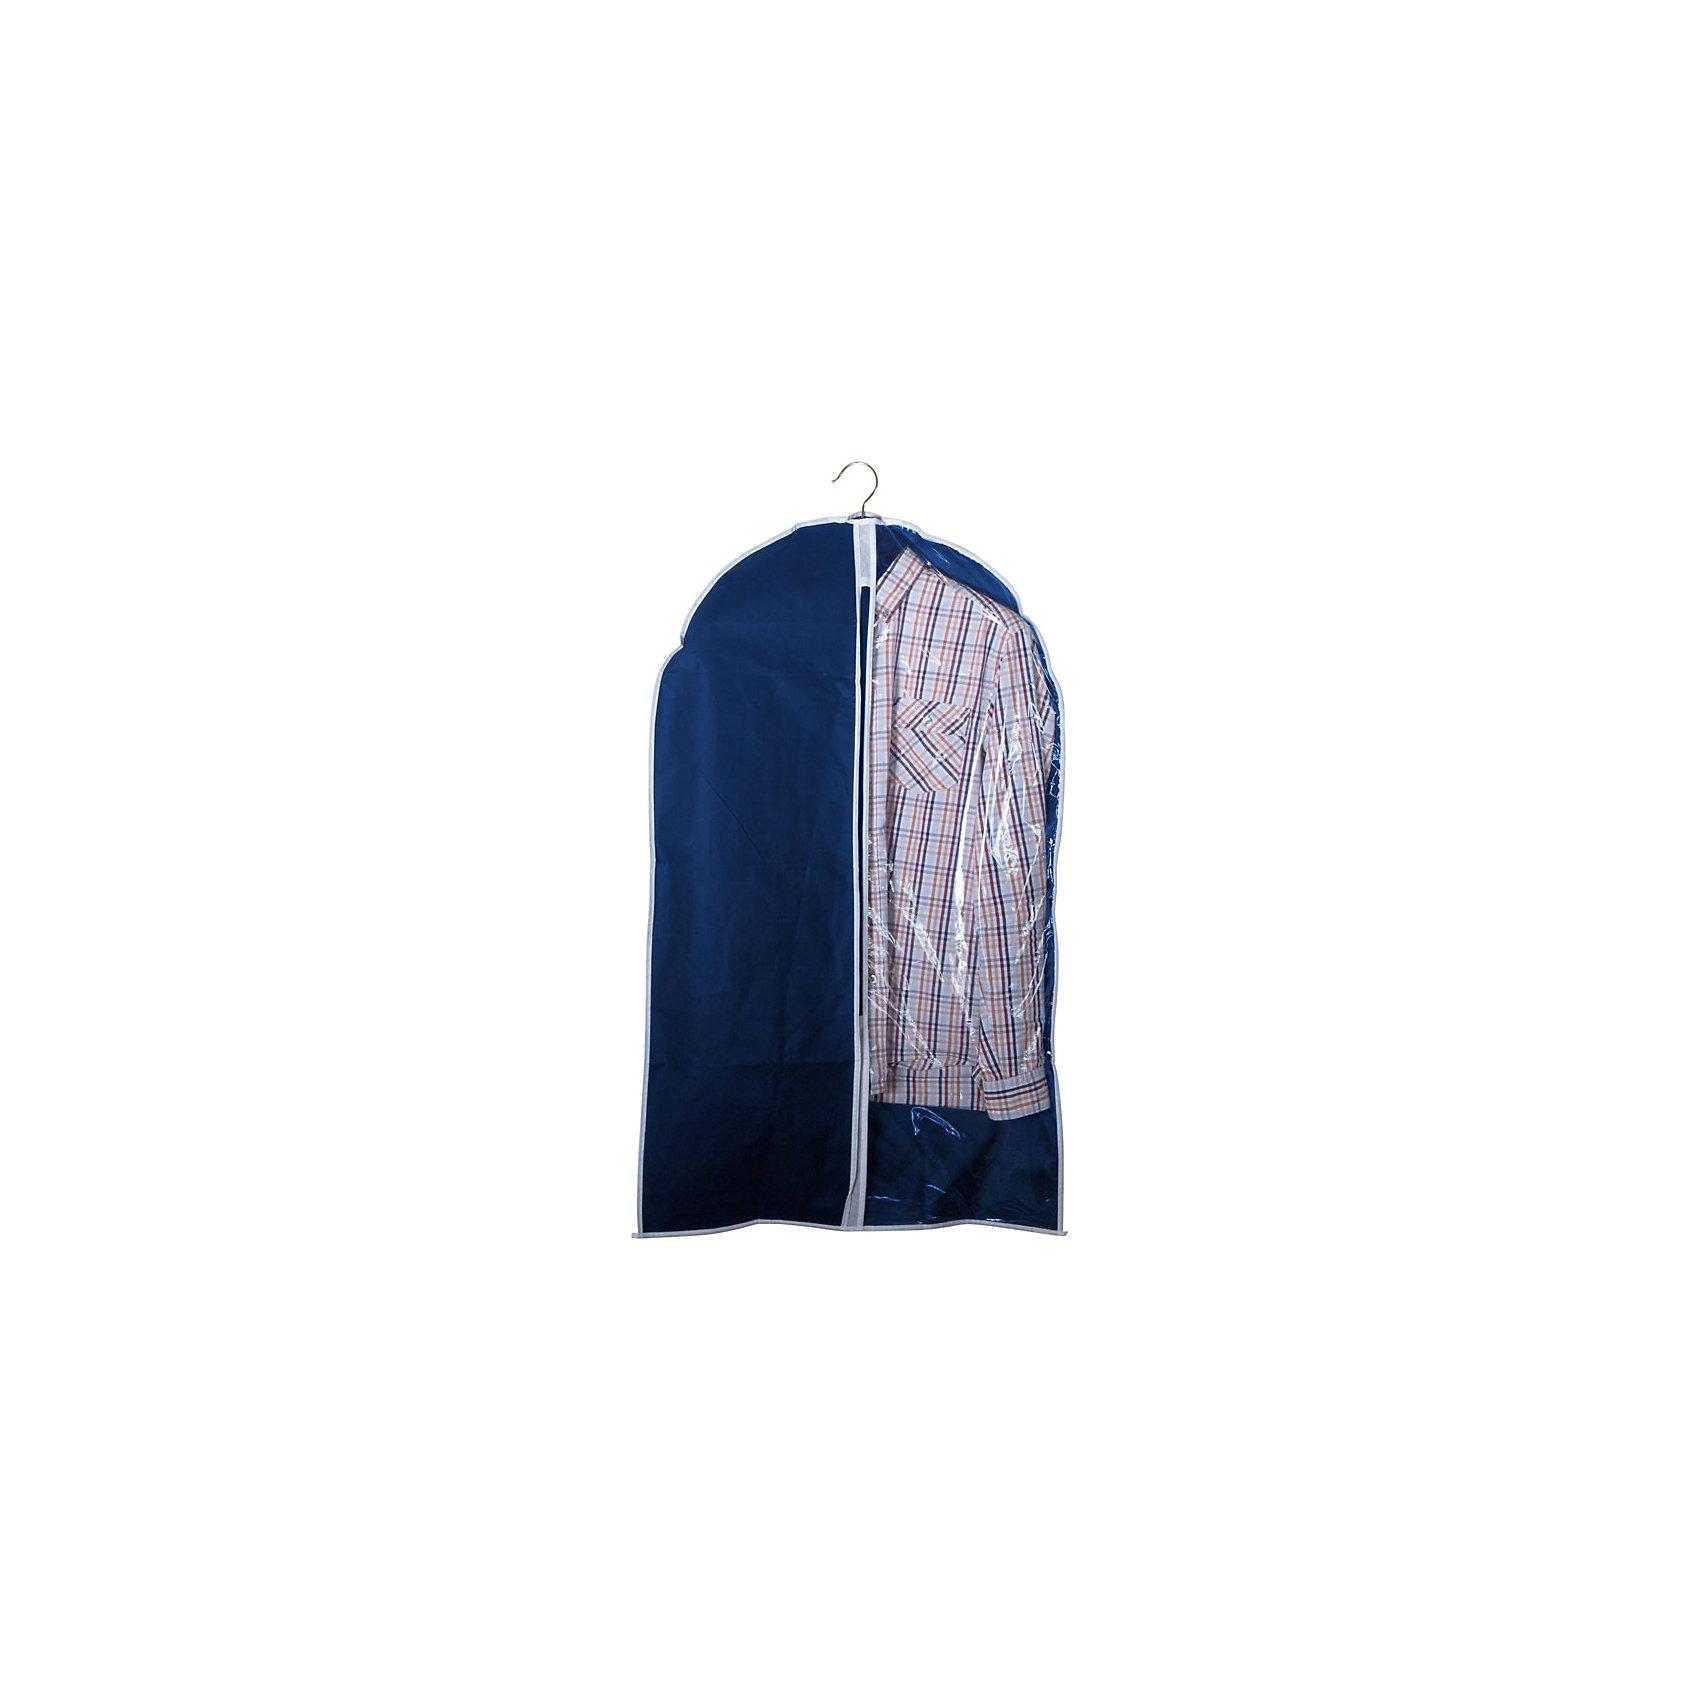 Чехол для одежды подвесной GCN-60*100, нетканка, 60*100см, Рыжий Кот, синий